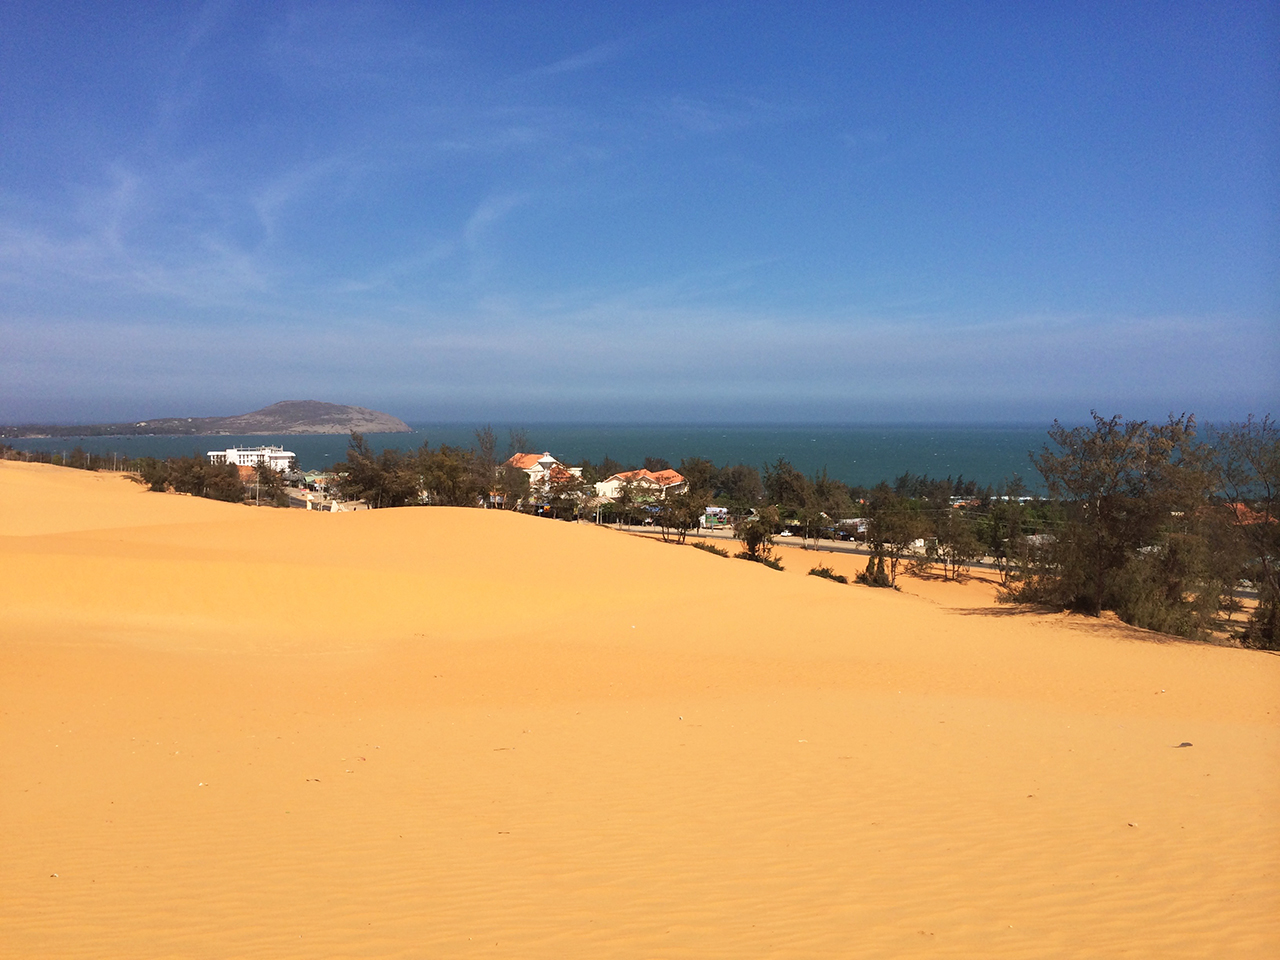 Путешествие по Вьетнаму, Муйне: песчаные дюны